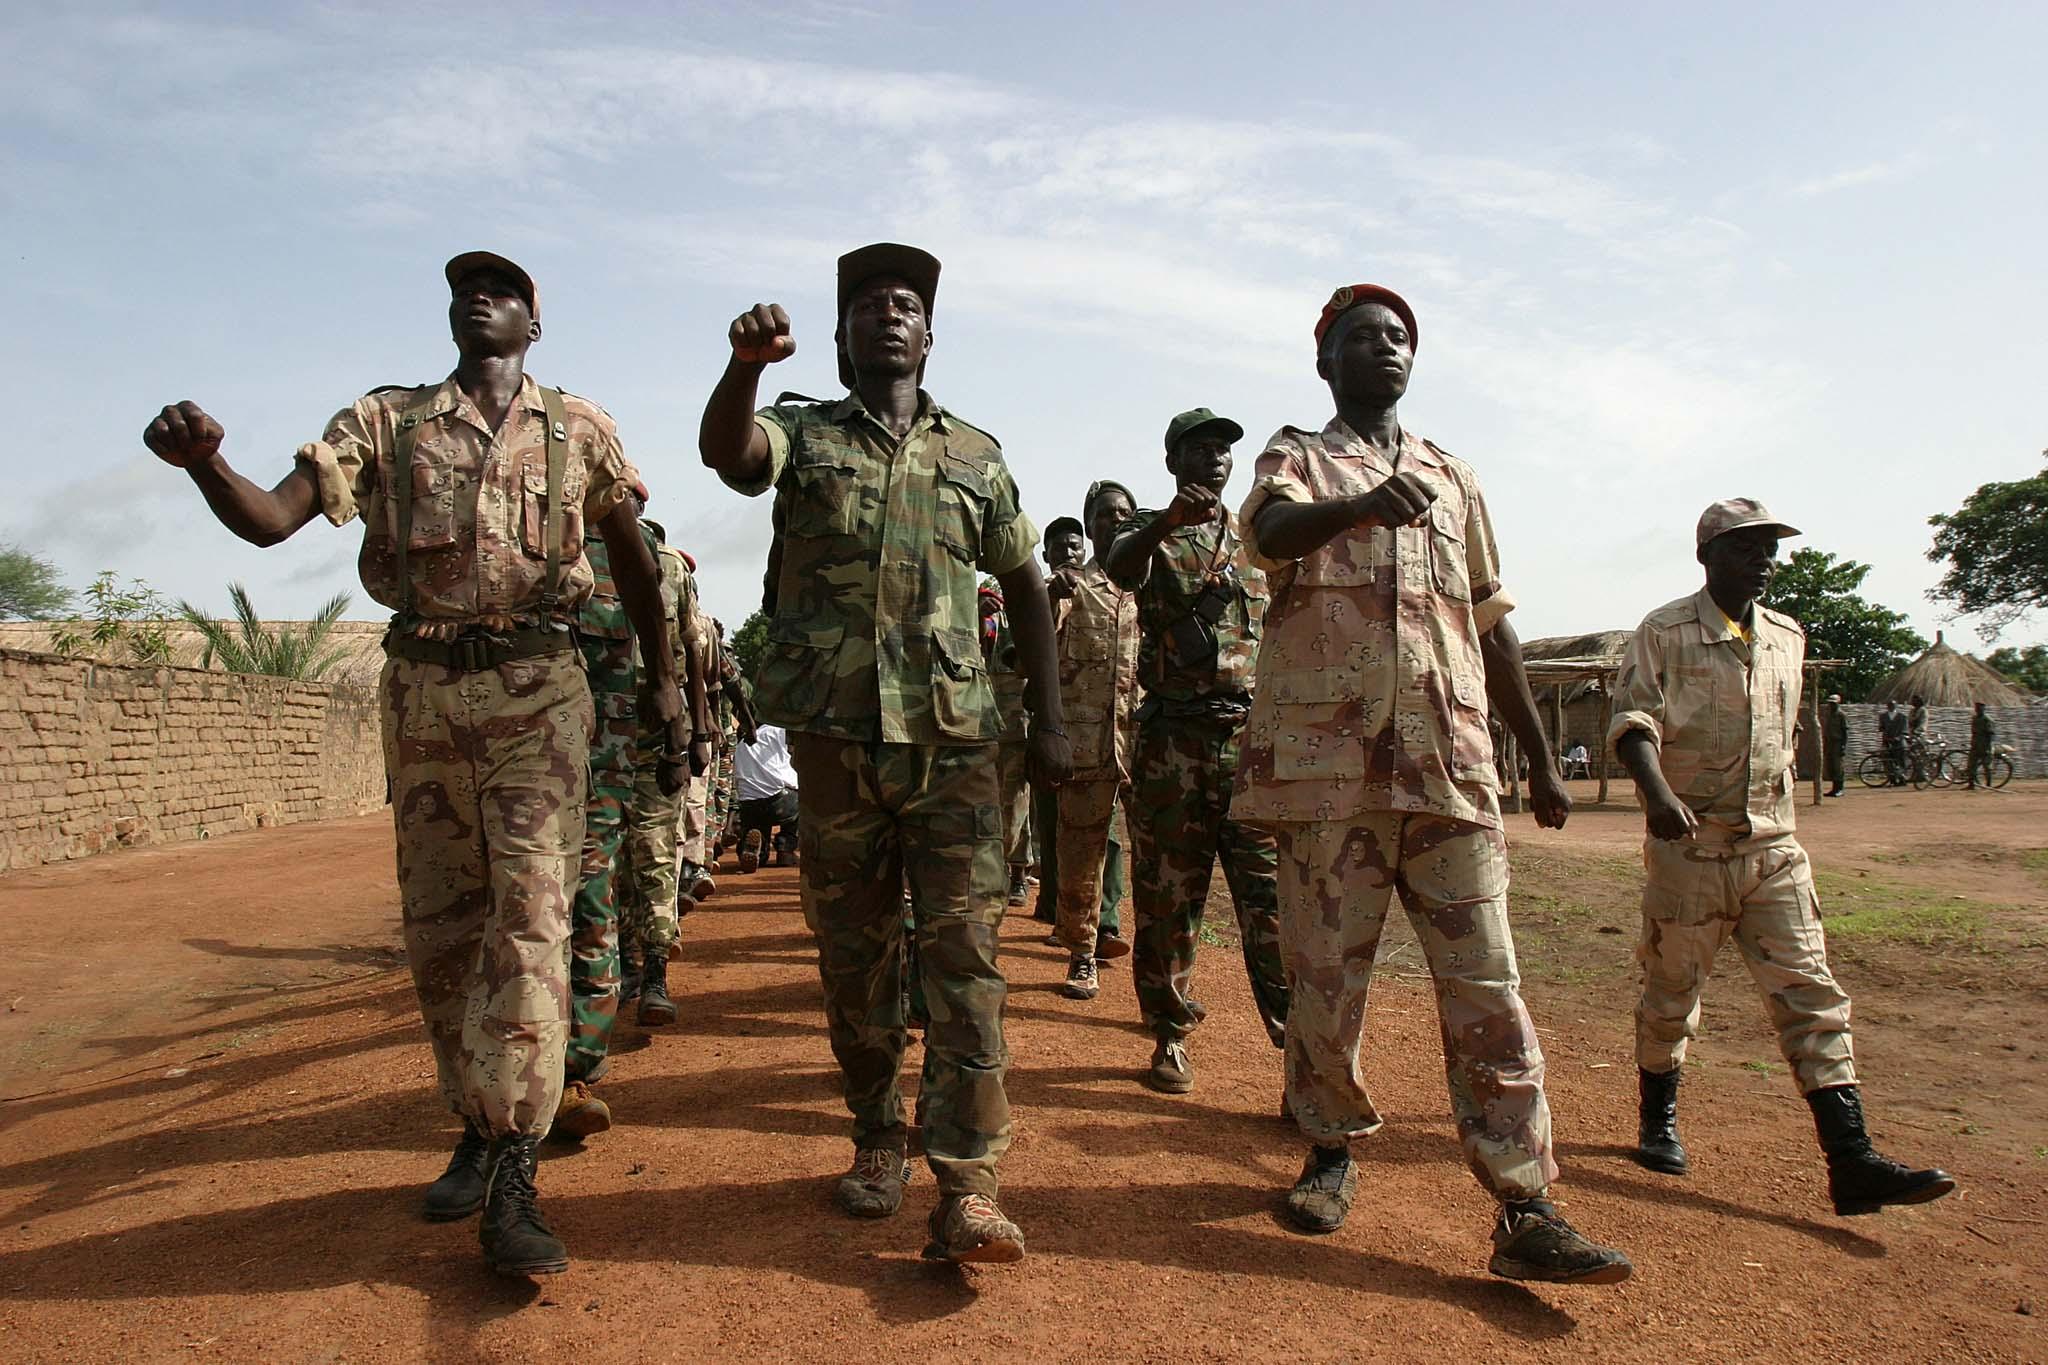 La question majeure à laquelle les forces armées devront répondre en RCA sera celle de la constitution de forces de sécurité crédibles et impartiales. (Credit : hdptcar, Wikimediacommons.org)